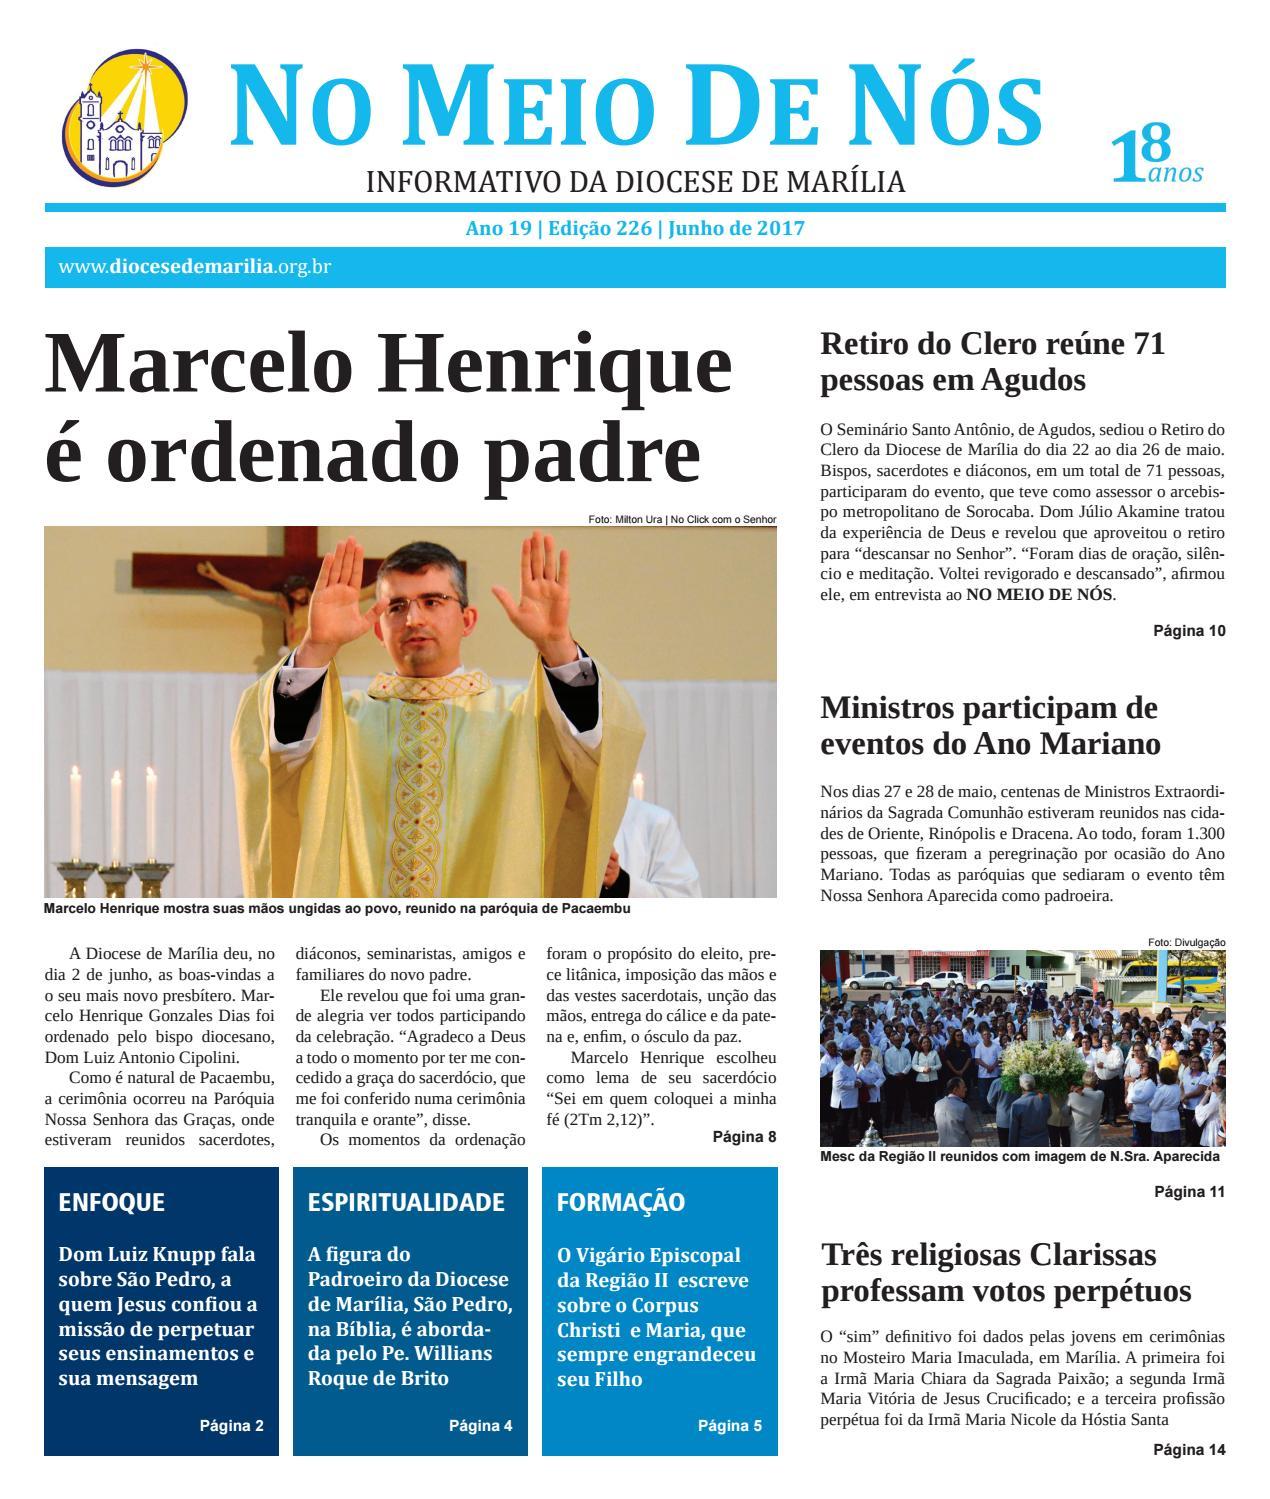 972b863d467 Jornal No Meio de Nós - Edição 226 - junho de 2017 by Pascom Marília - issuu